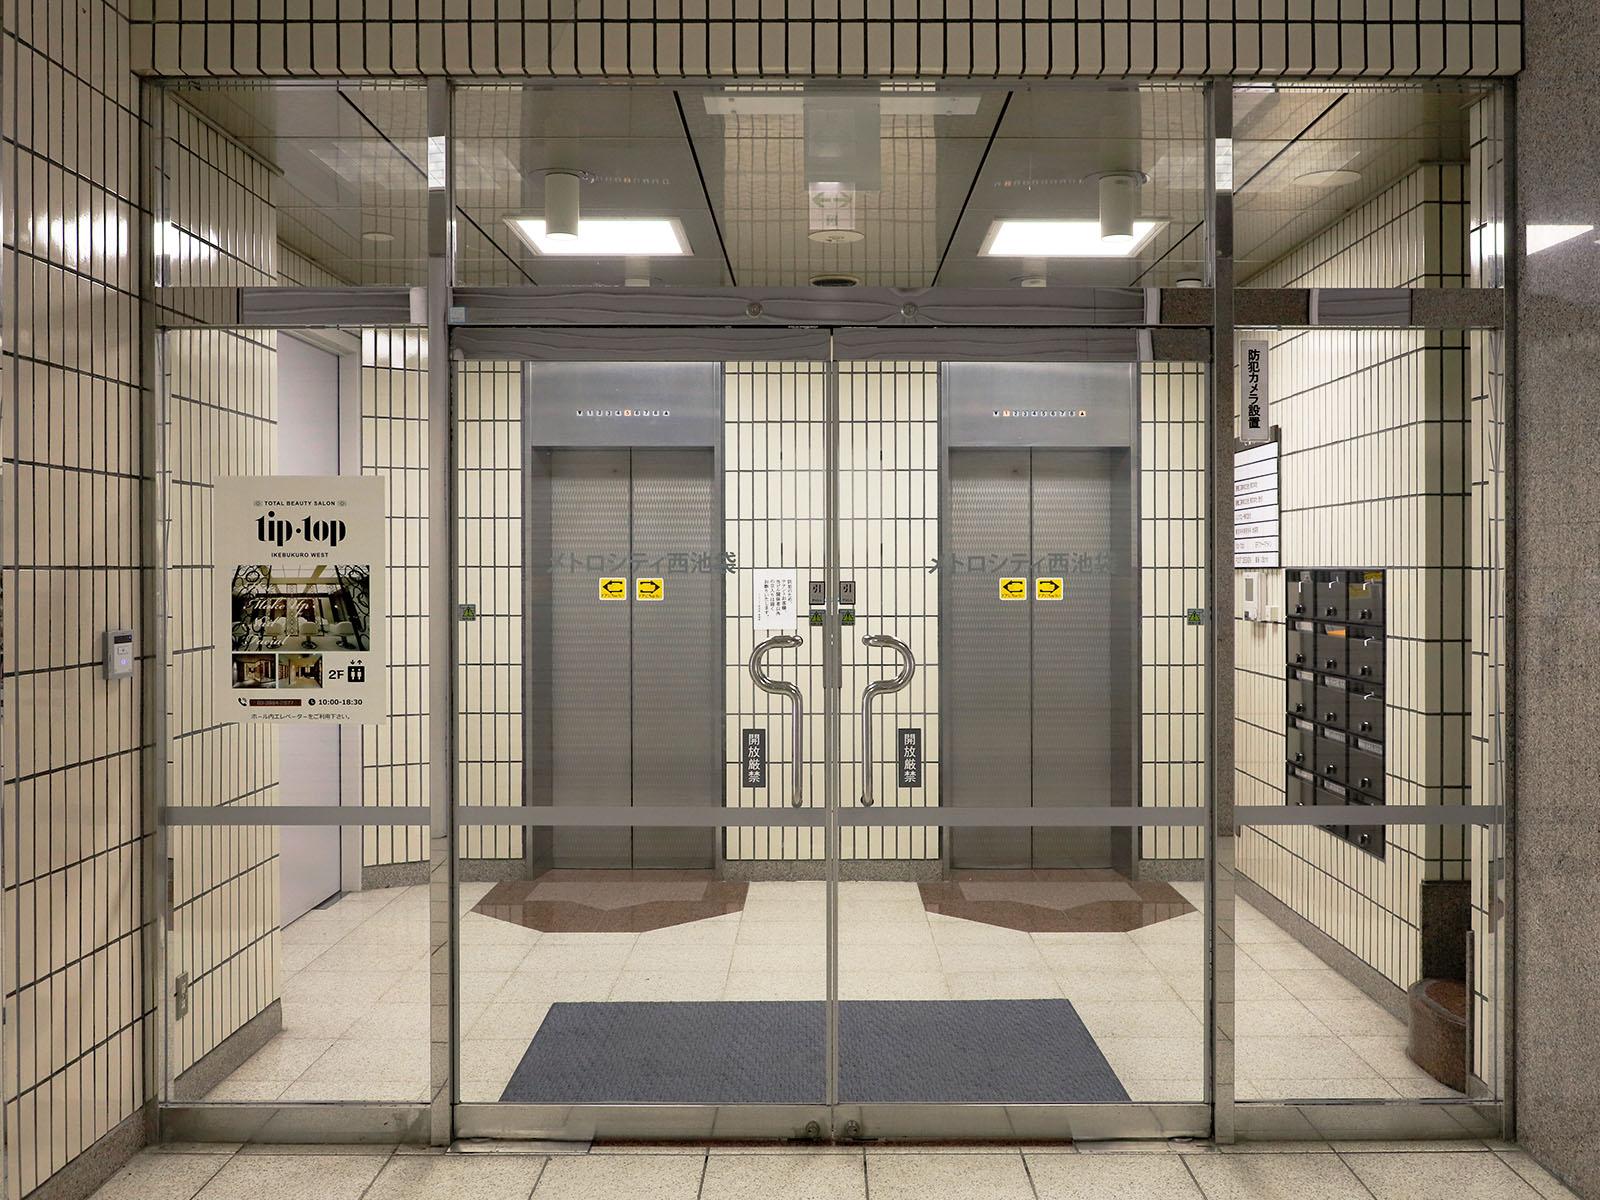 東京中央美容外科池袋西口院C2出口ルート08